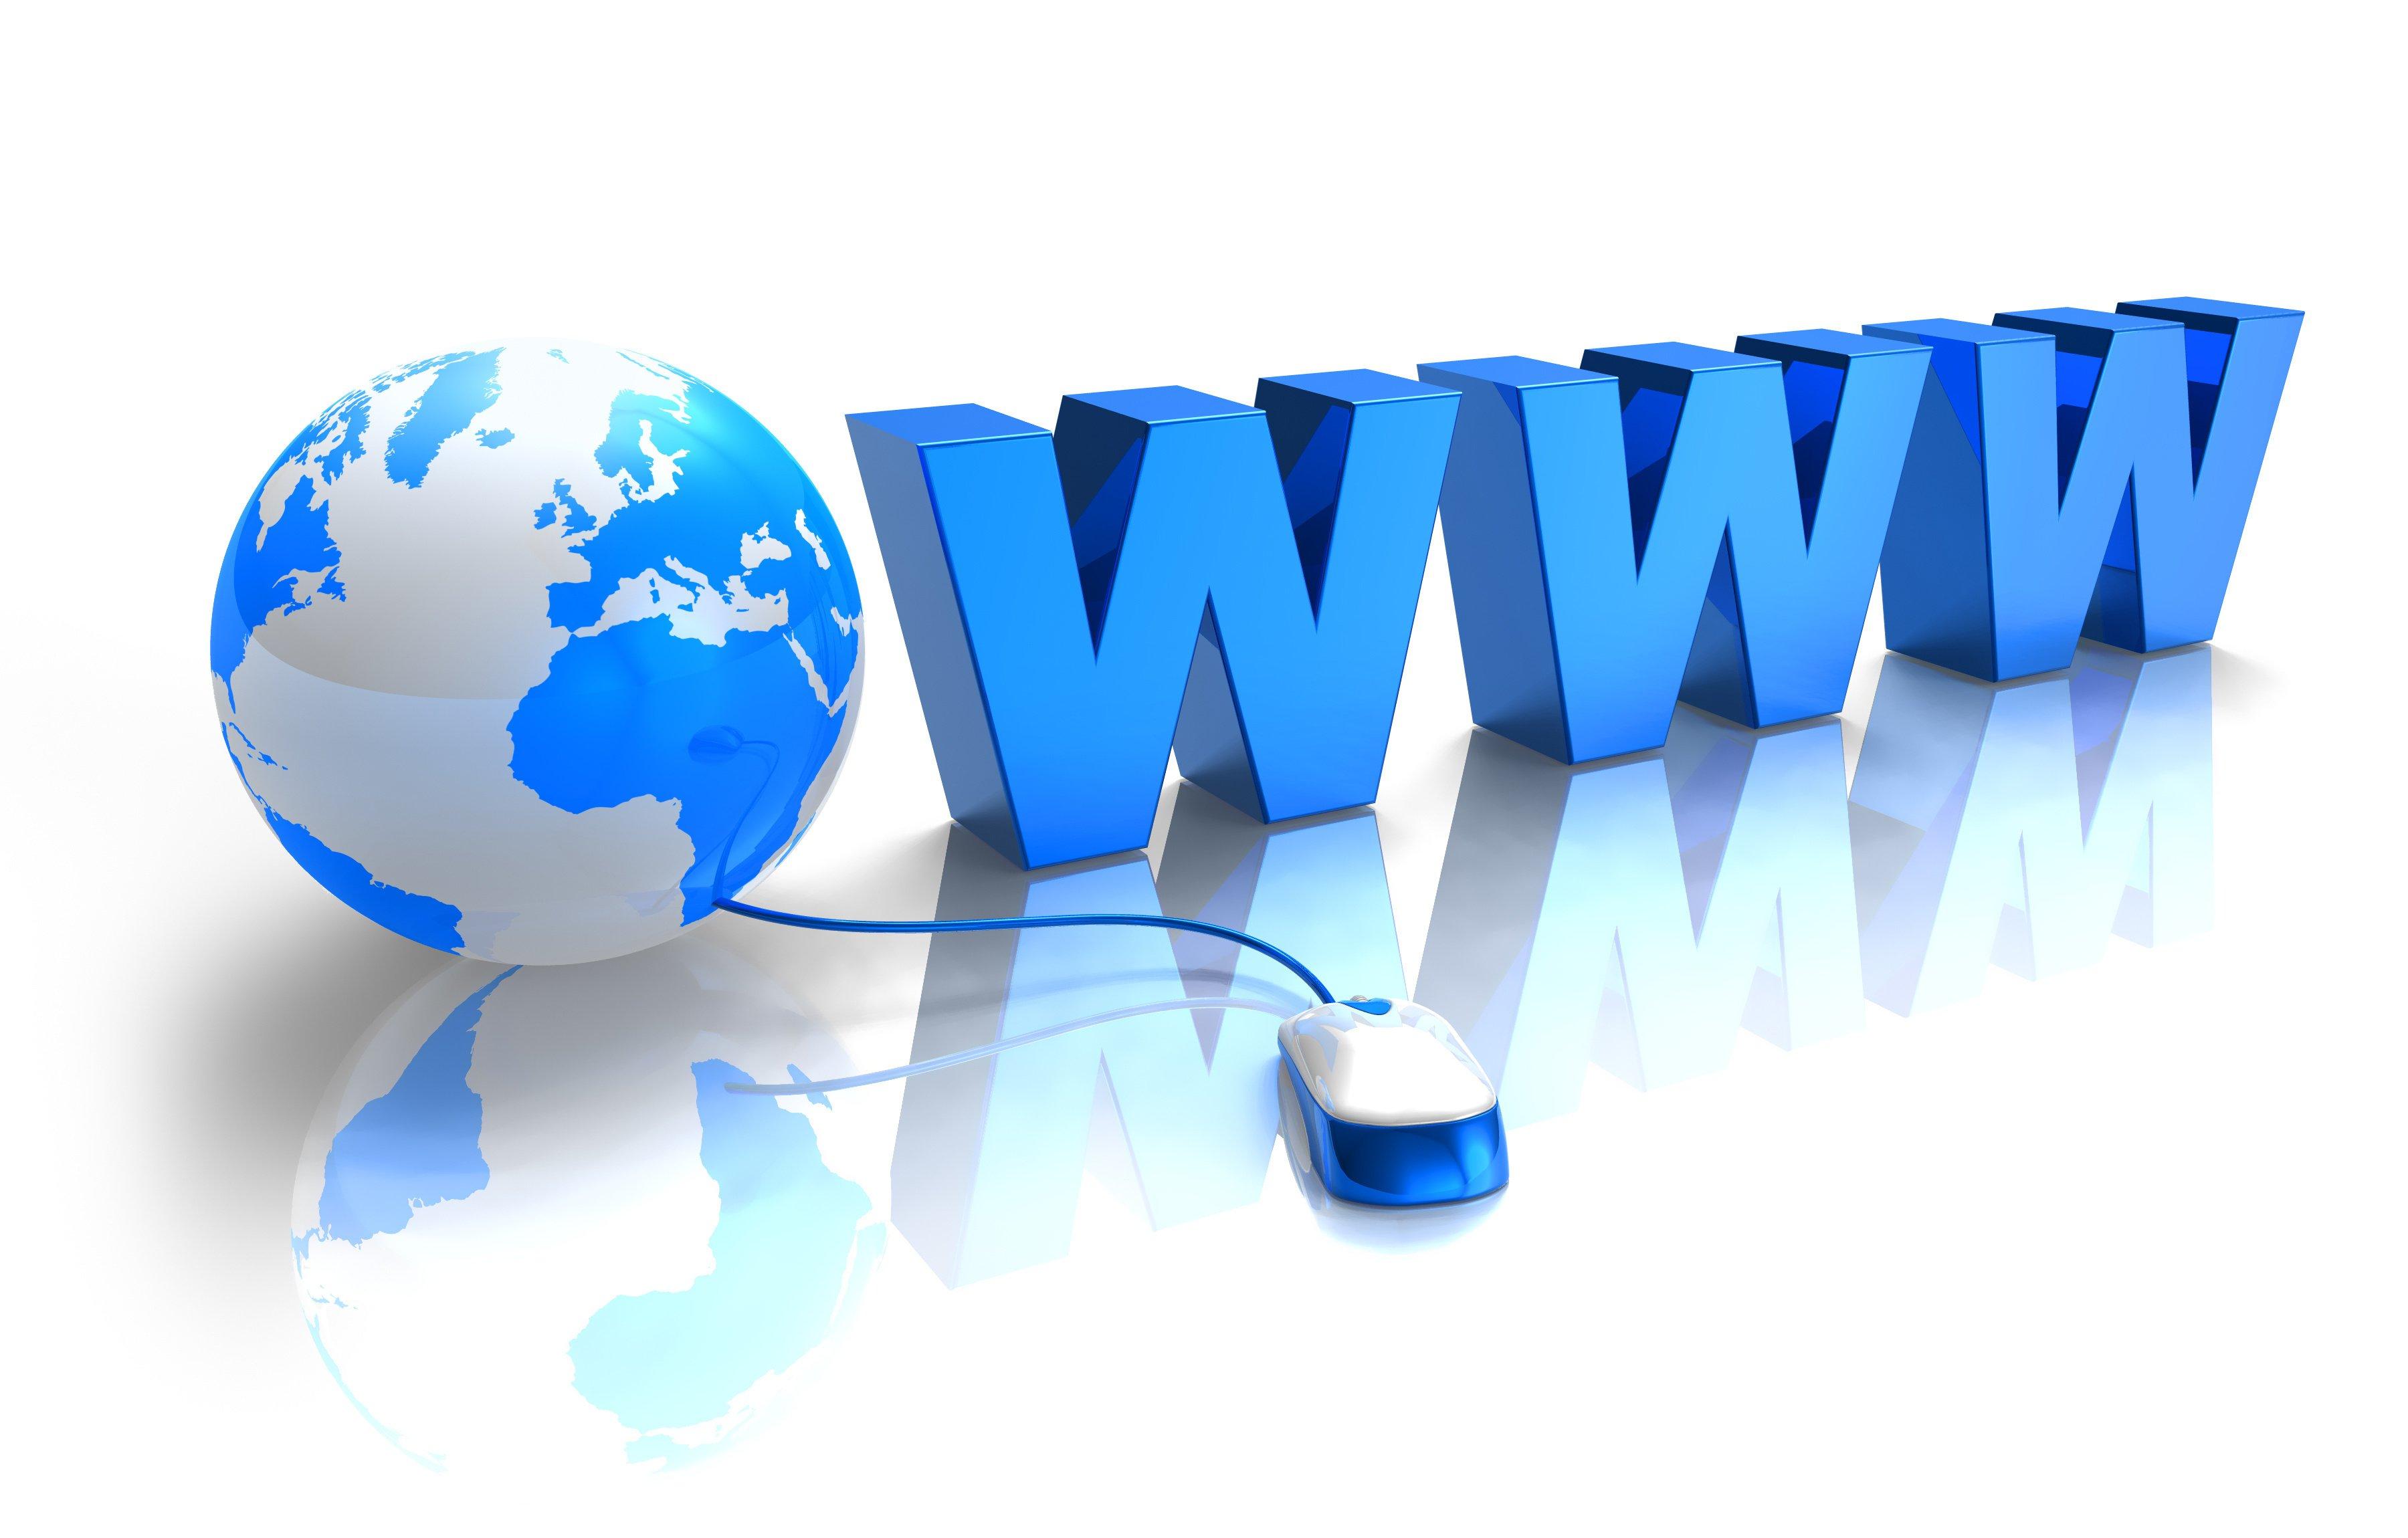 Entender el rol del sitio web en la estrategia de negocios for Sitio web ministerio del interior